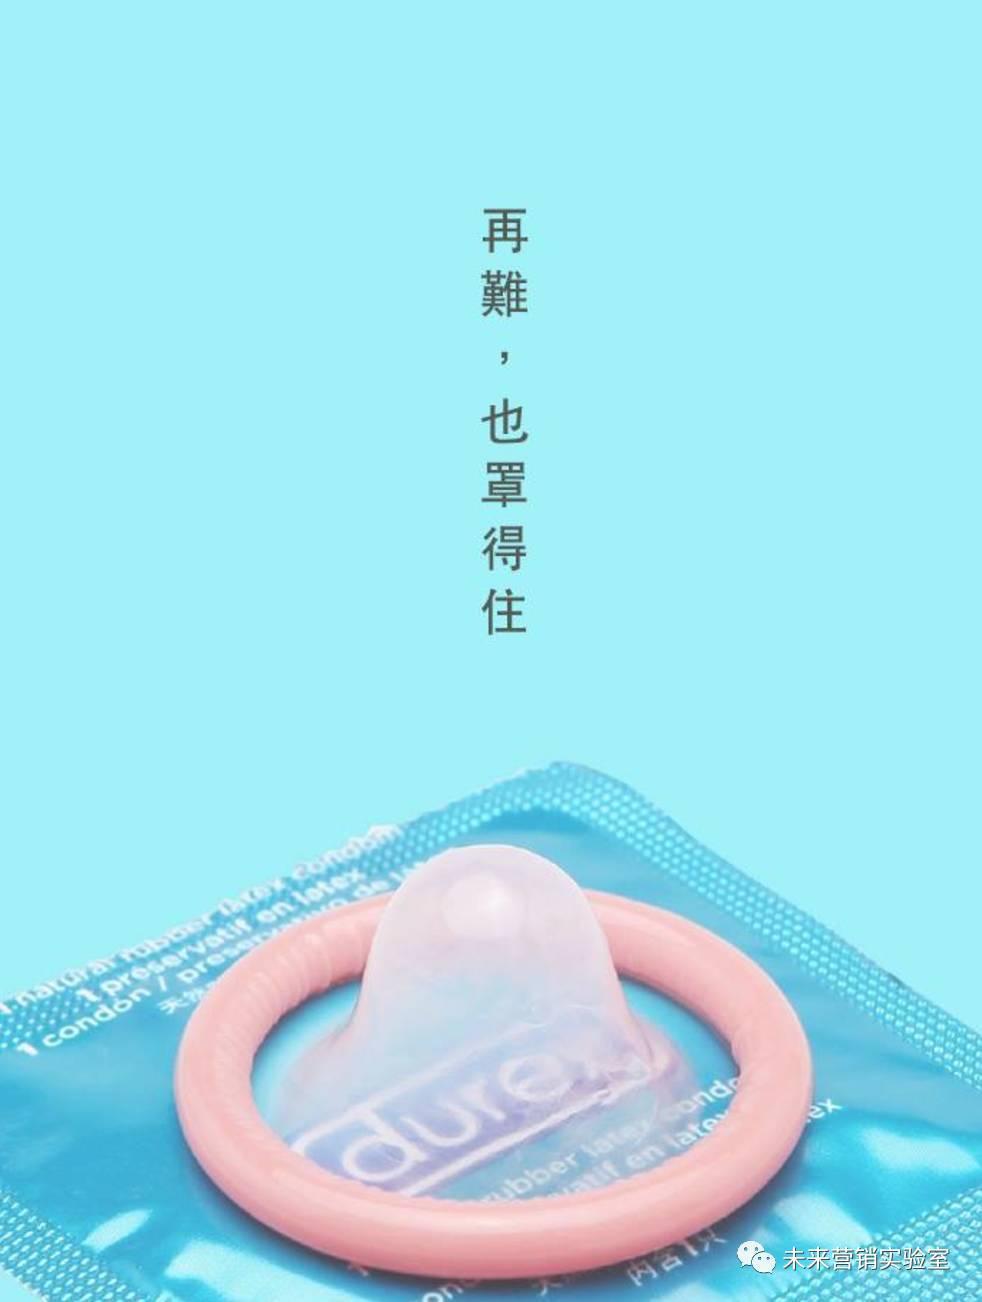 香港台湾杜蕾斯文案海报合集,你没见过的尺度和创意!图片